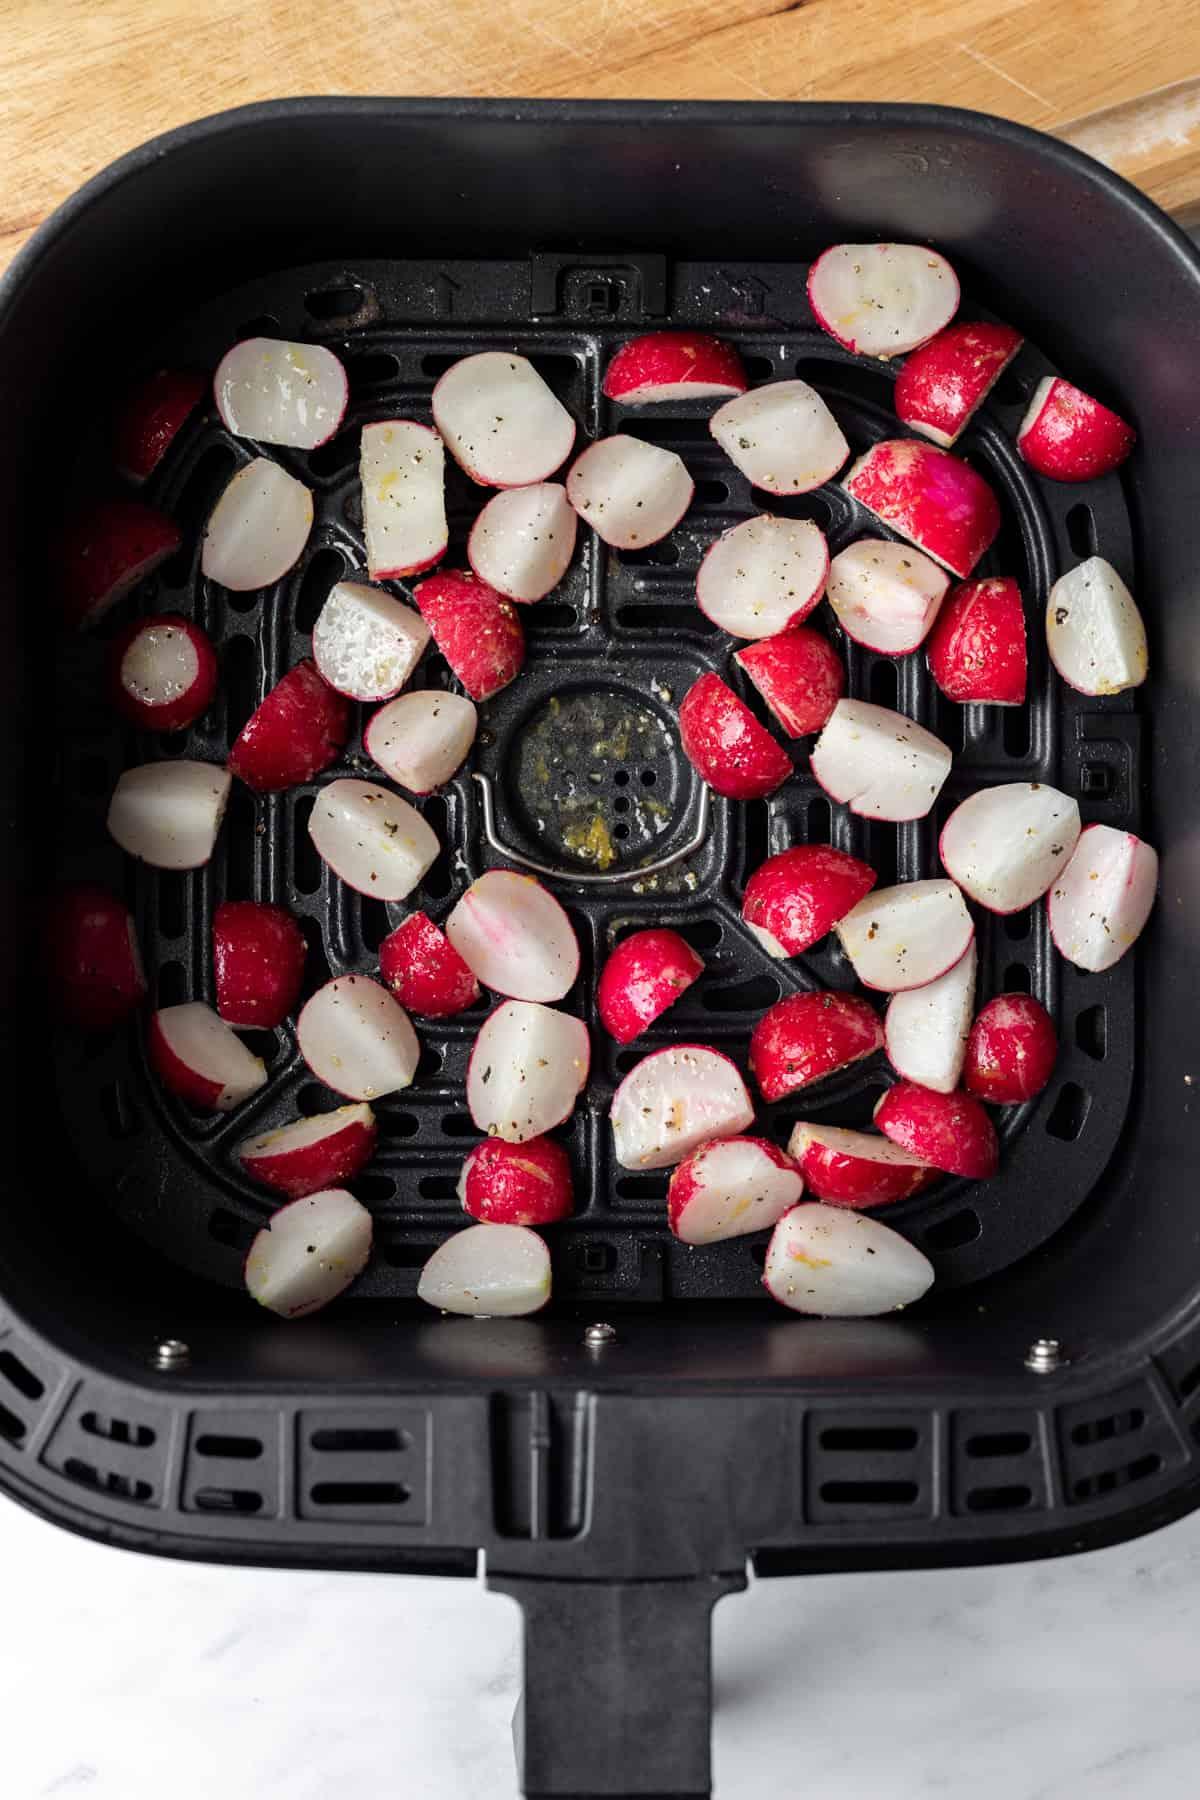 trimmed radishes inside air fryer basket